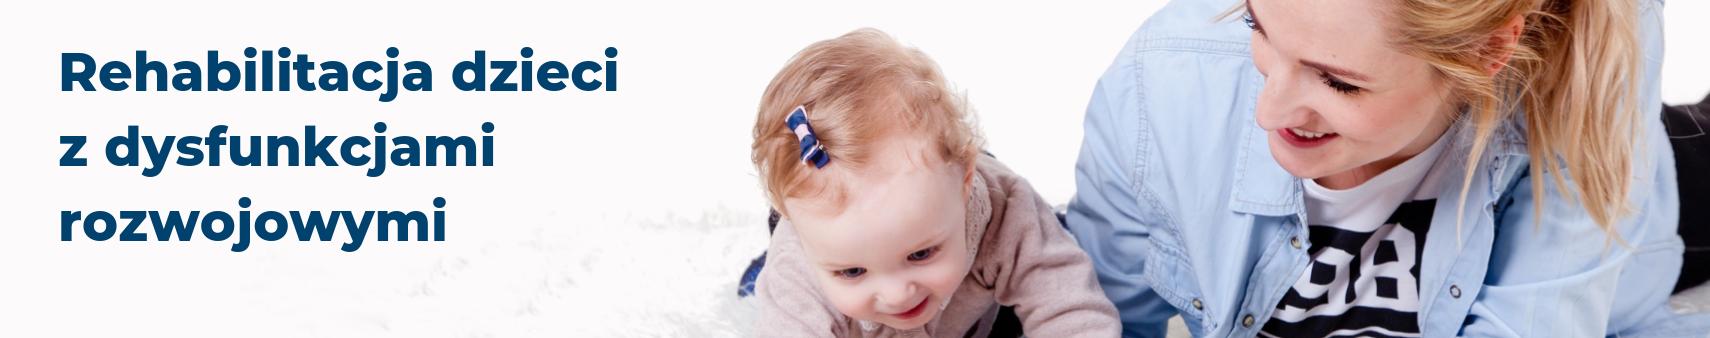 <b>Rehabilitacja dzieci z dysfunkcjami rozwojowymi</b>